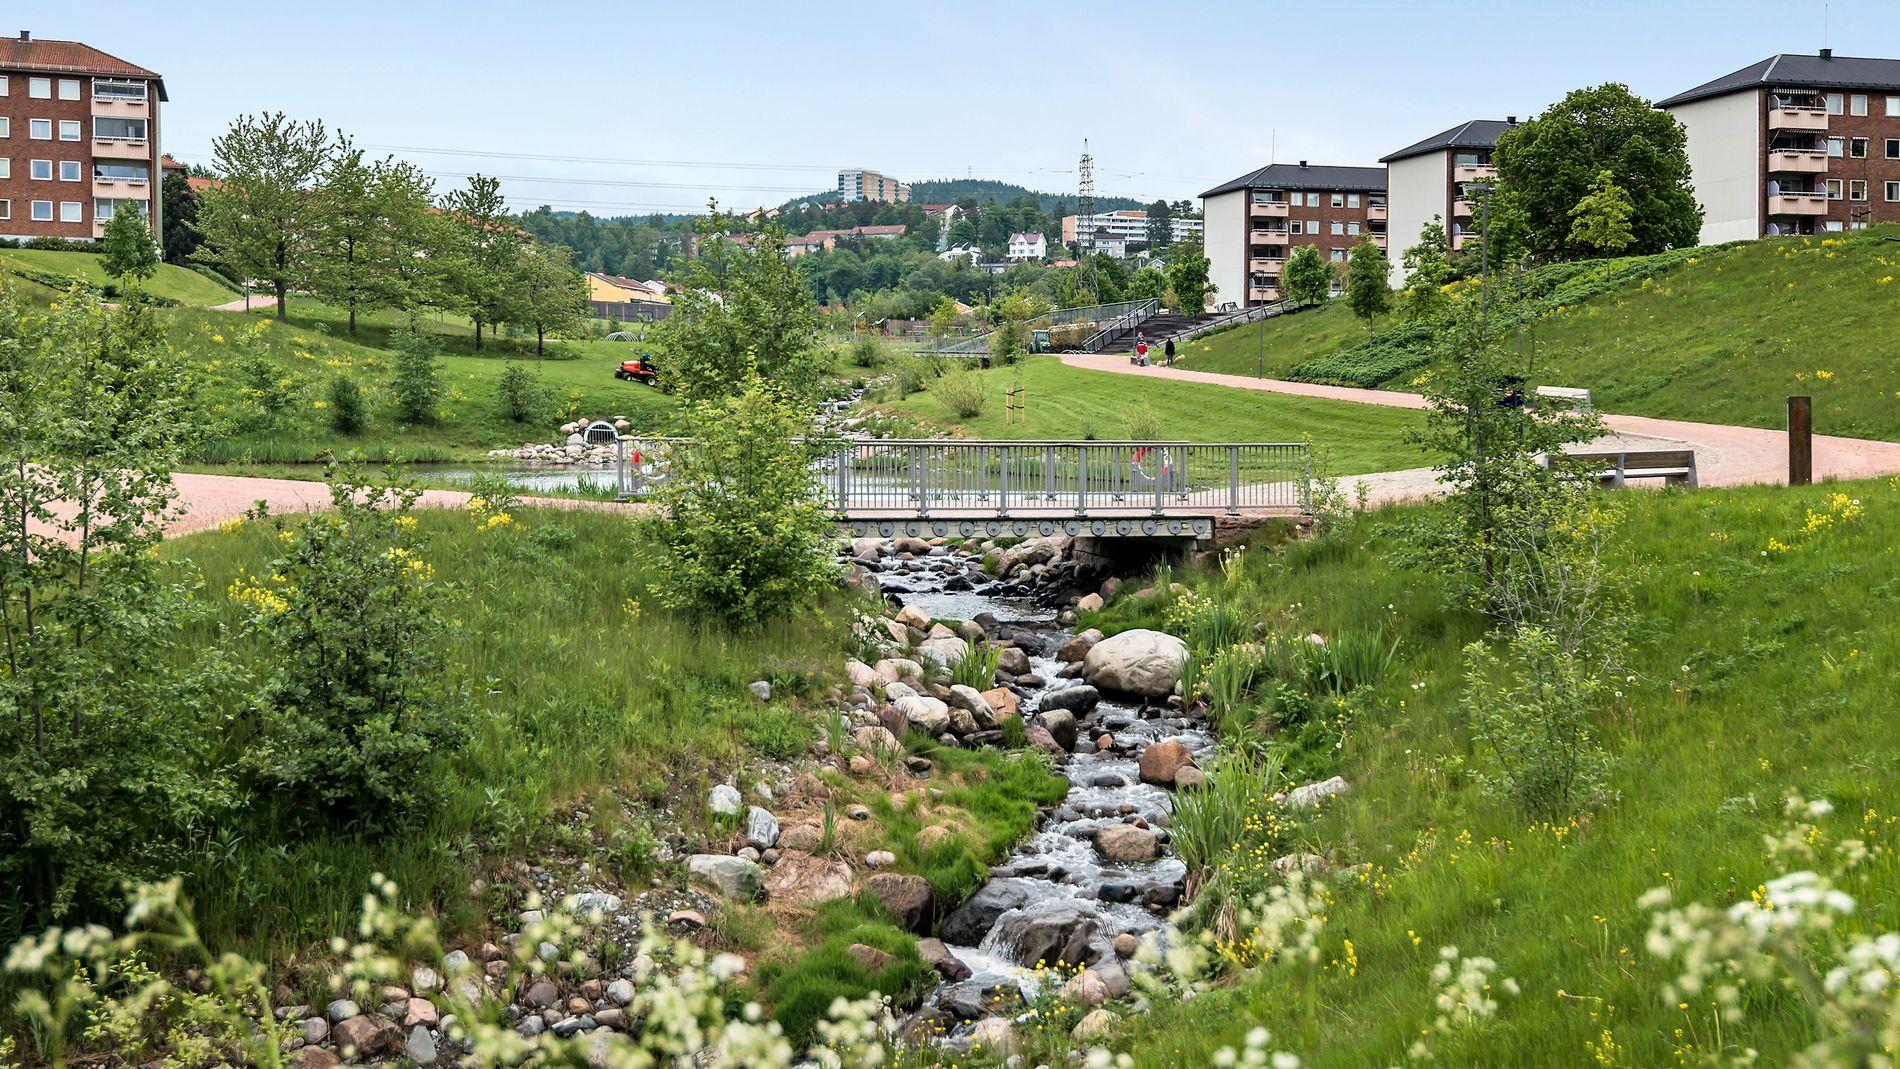 BYUTVIKLING: Mange byutviklingsprosjekter har gjort Bjerke til et attraktivt sted å bo. Ett av disse er Bjerkedalen park på bildet.